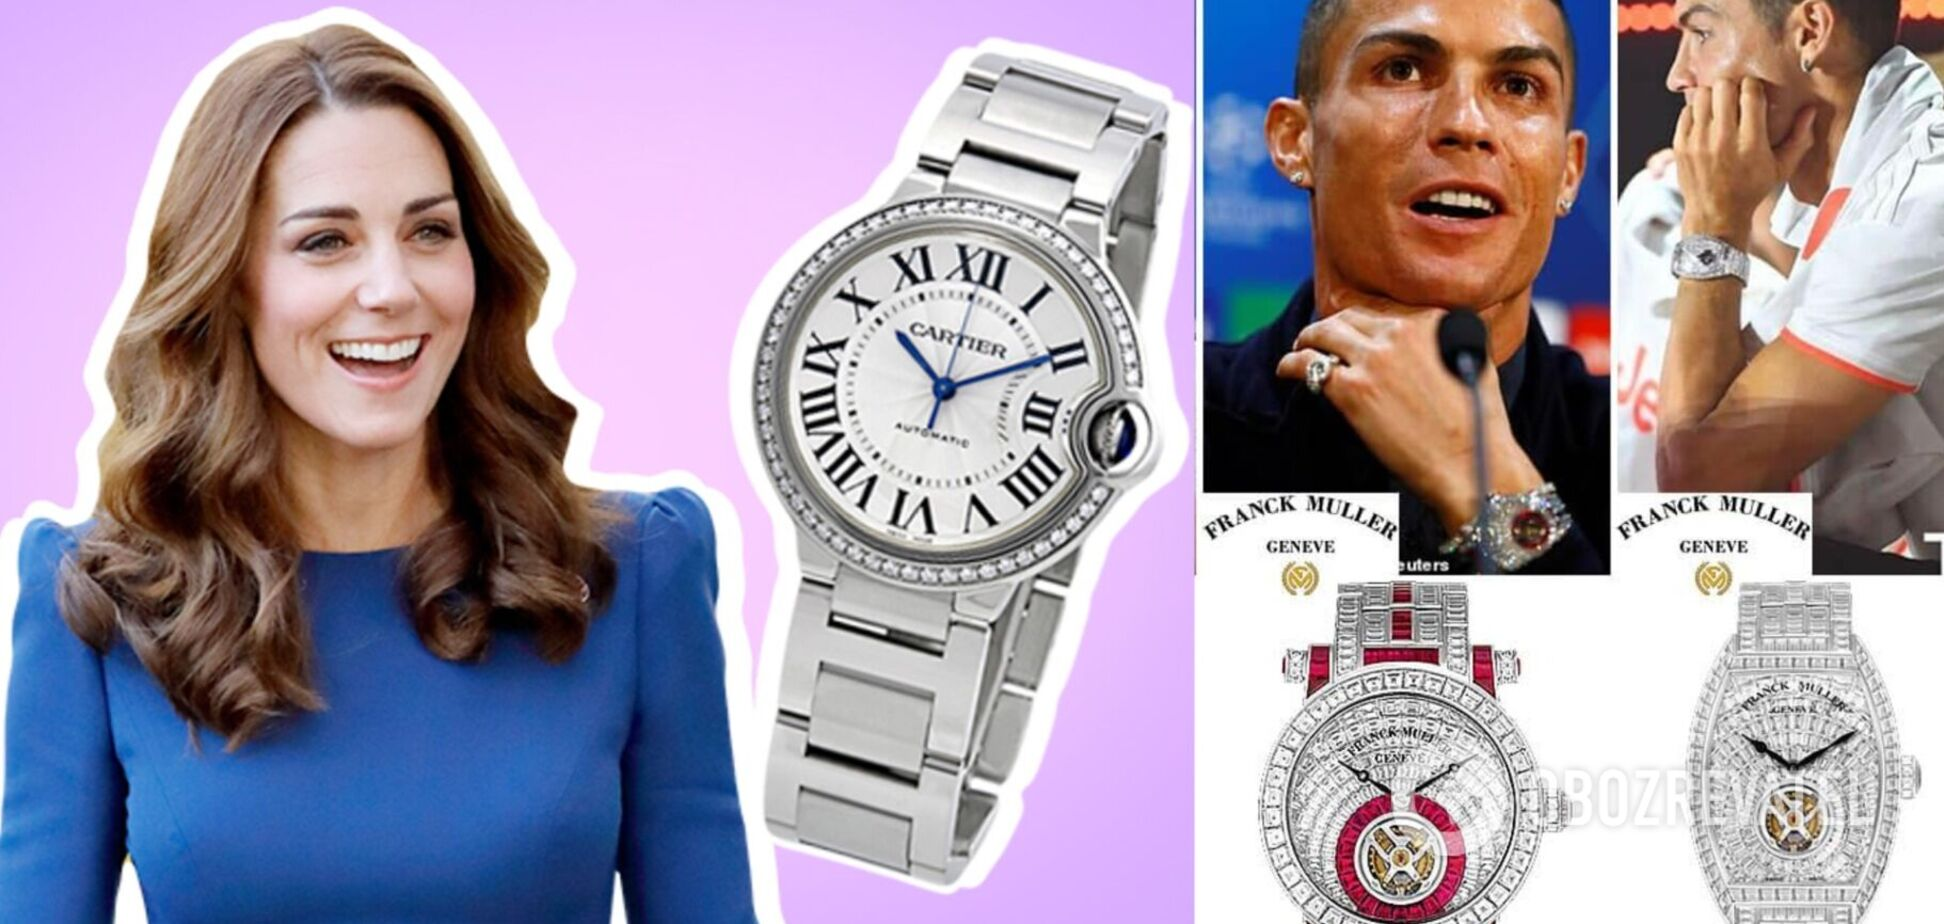 Як виглядають найдорожчі годинники Кейт Міддлтон, Кріштіану Роналду та інших знаменитостей. Фото